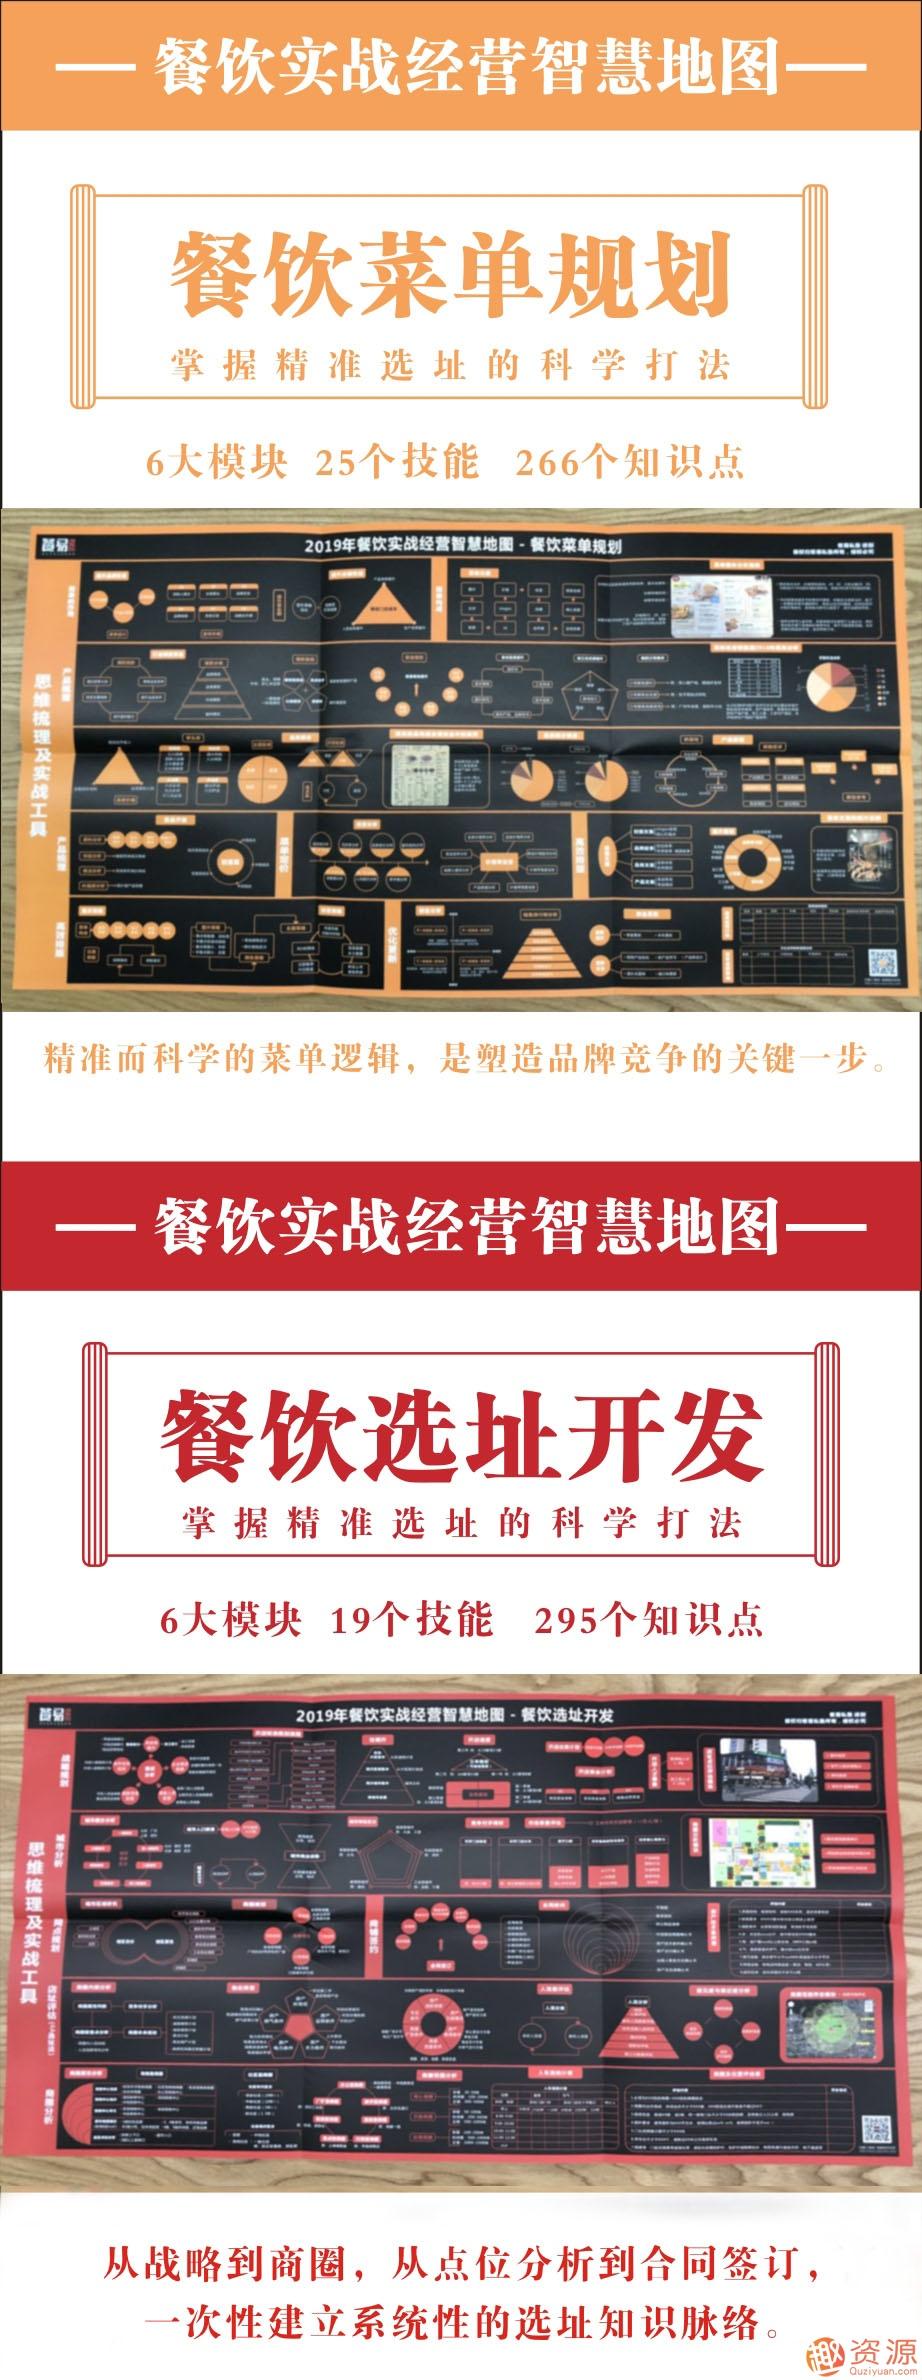 2019年餐饮实战经营智慧地图_资源网站